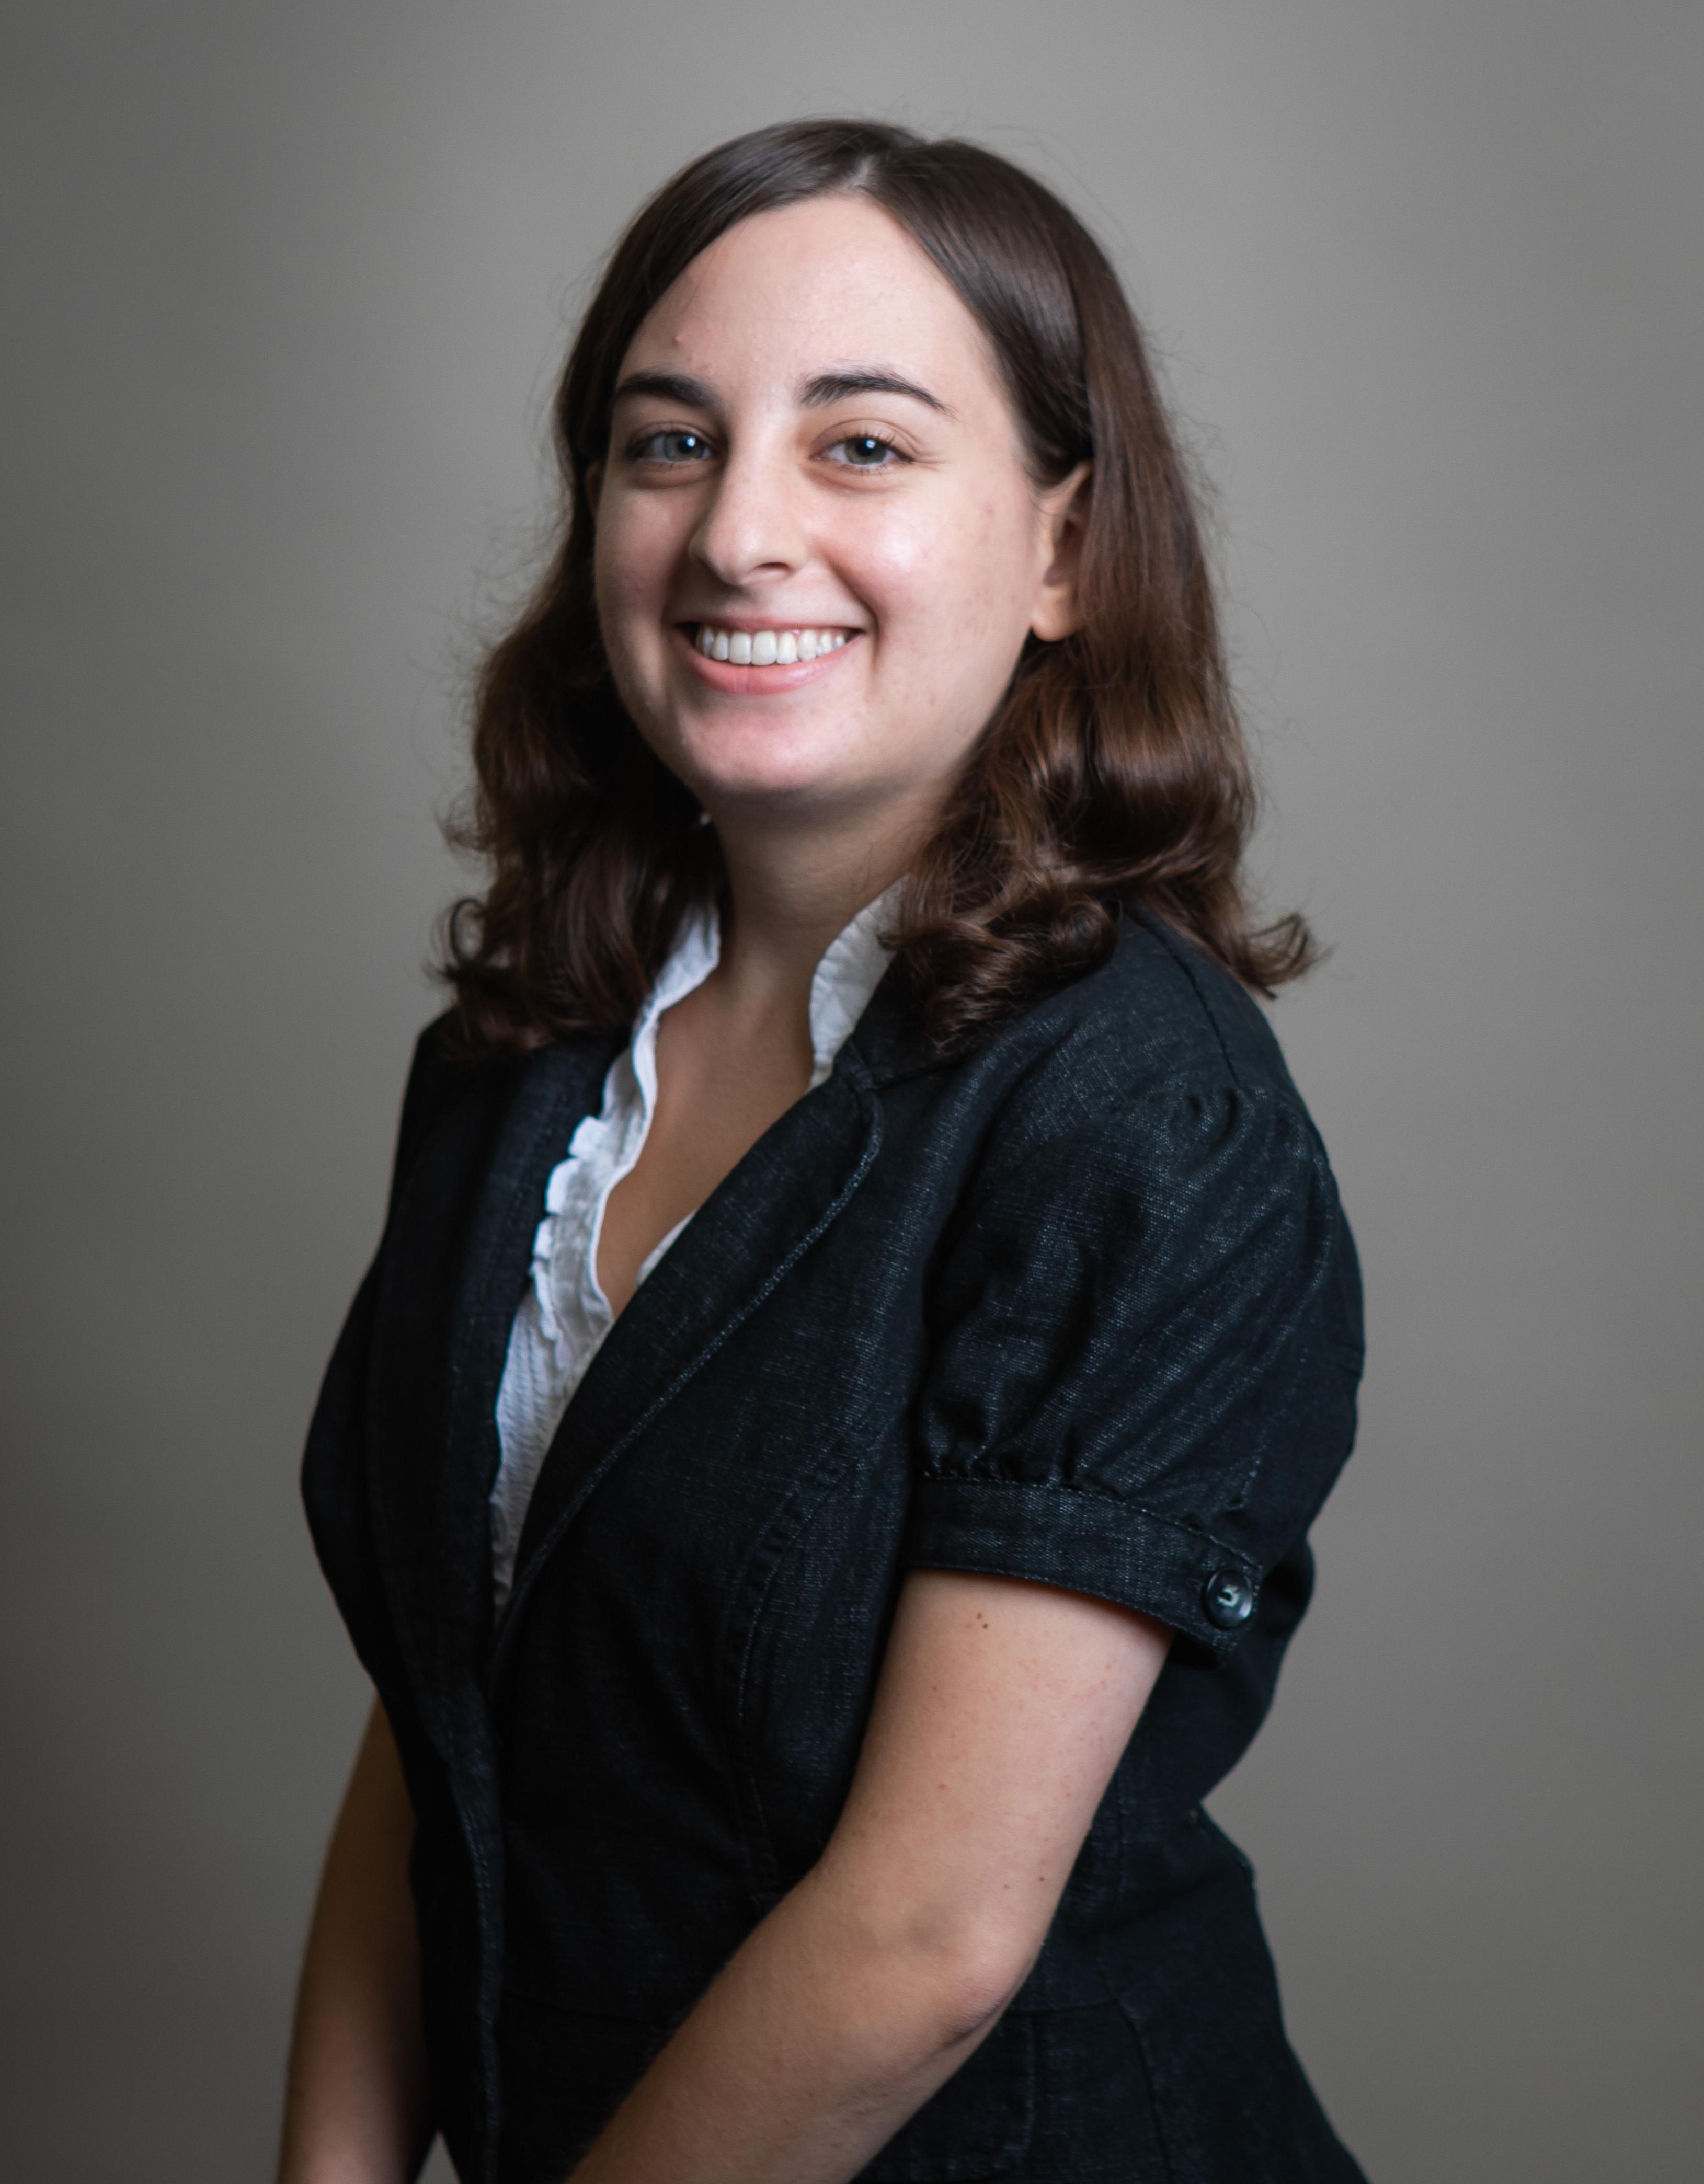 Profile photo of Lauren Weiss